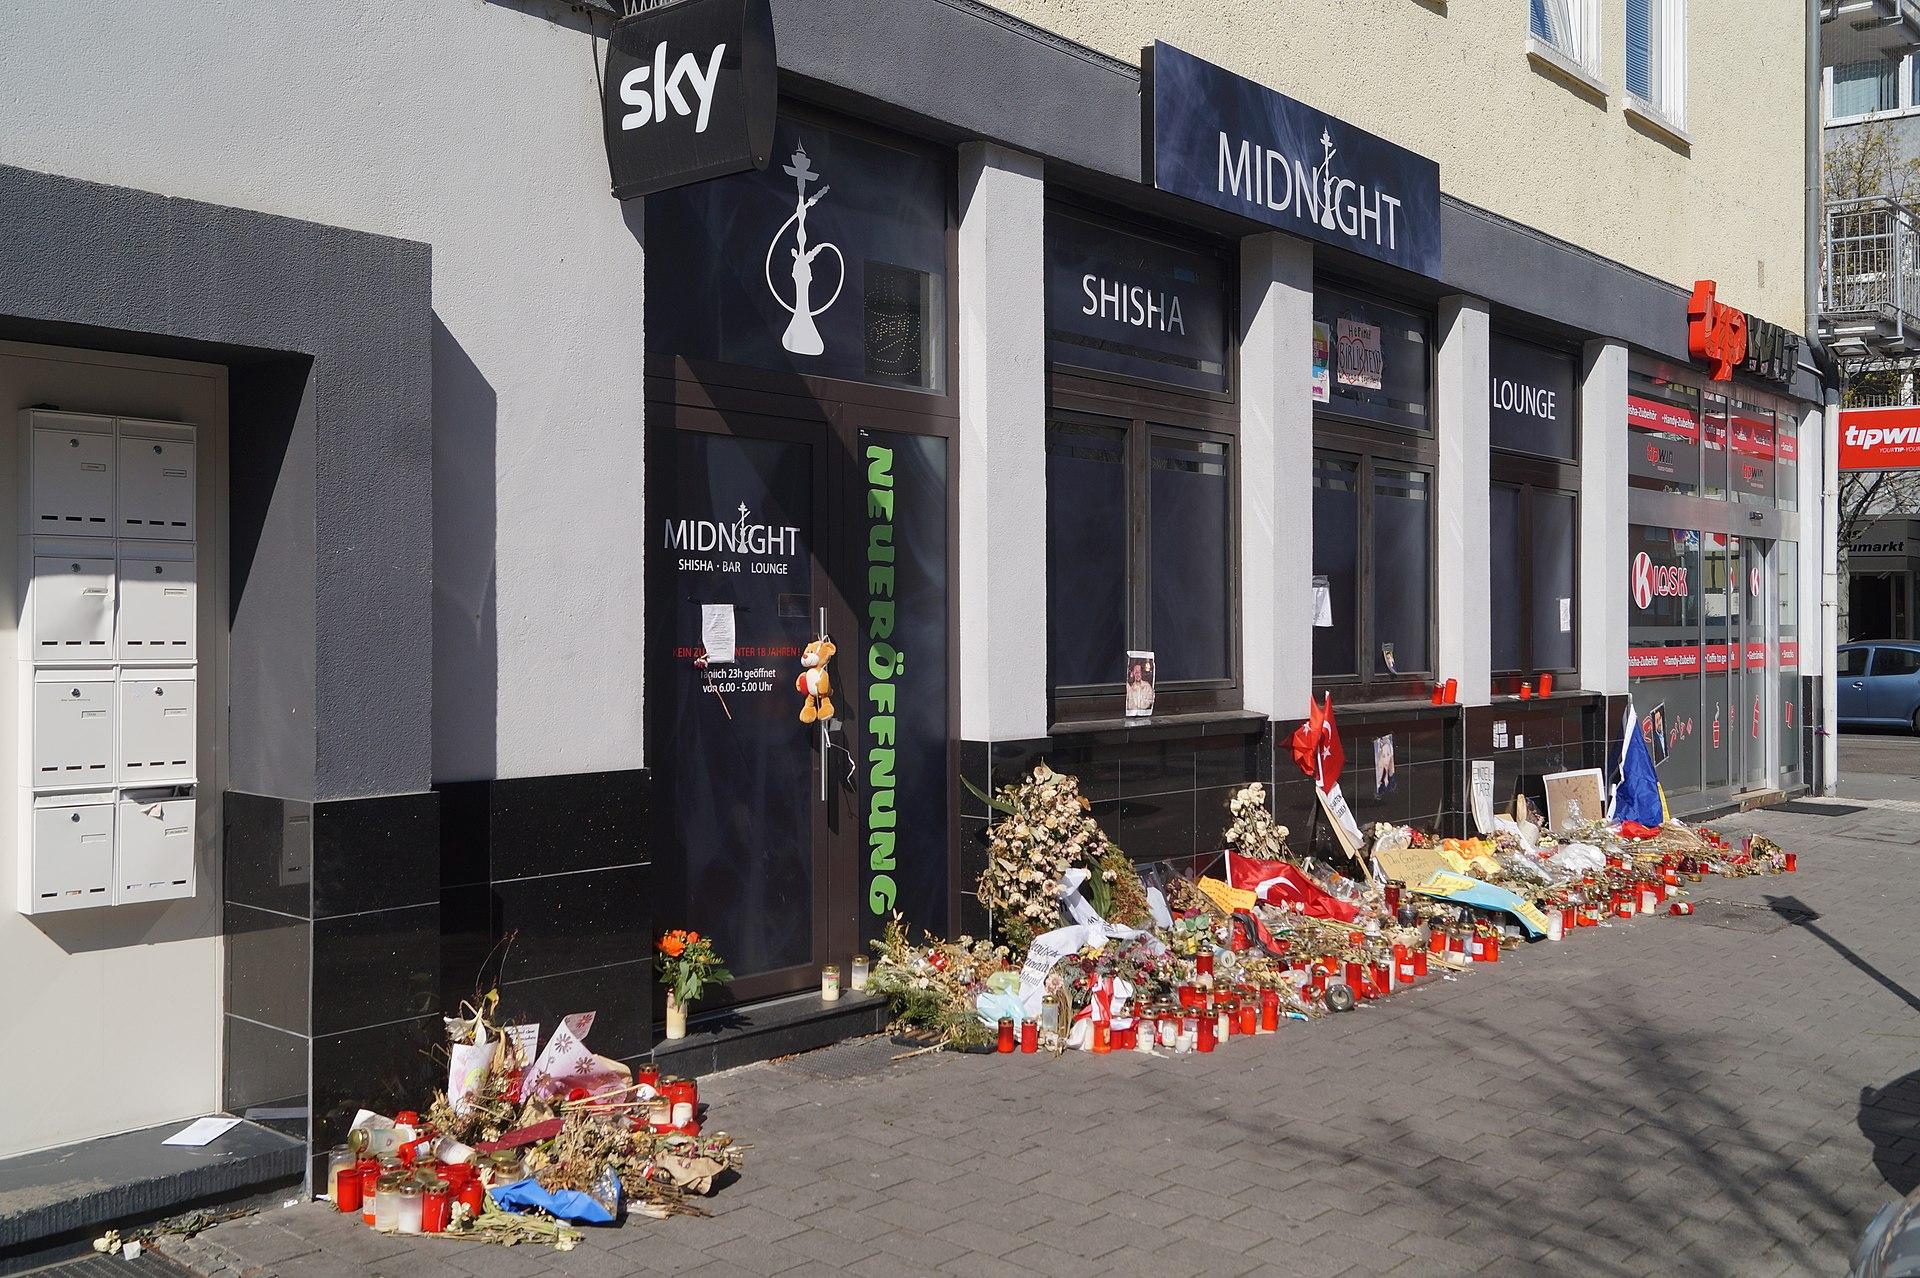 Der Shishabar des Anschlags von Hanau - Quelle: Wikipedia - Autor: Lumpeseggl